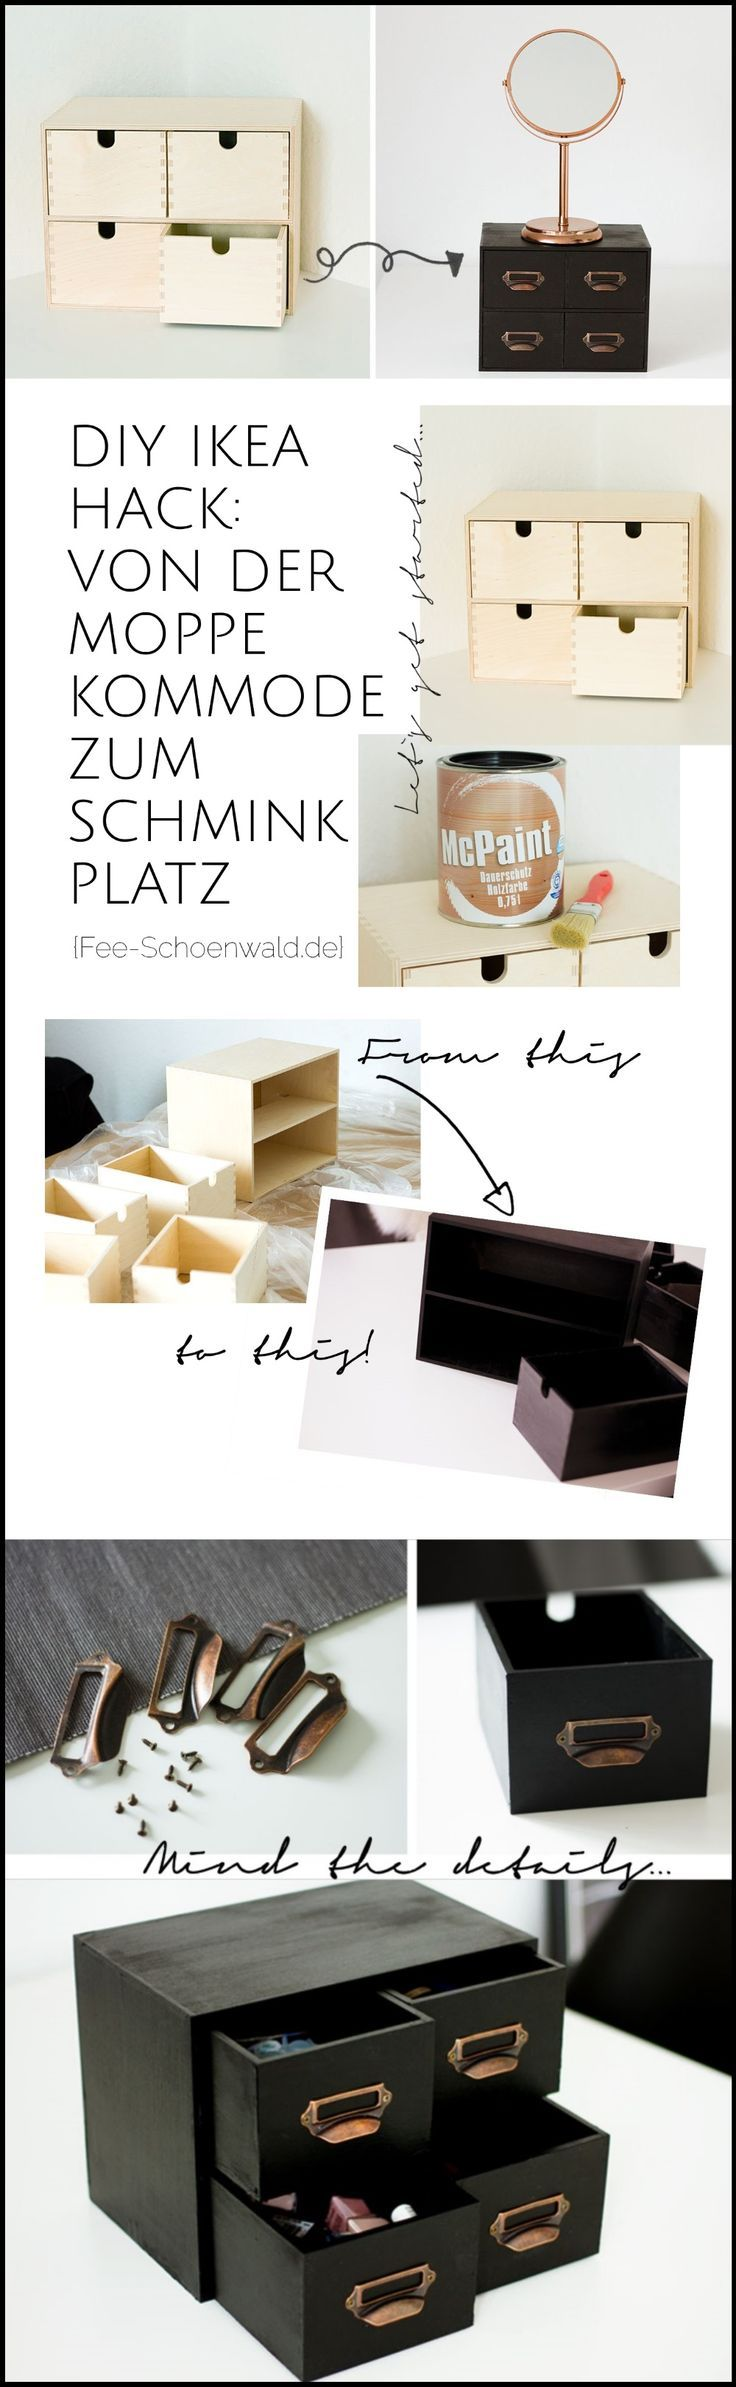 Ikea Upcycling Hack: DIY Schminkkommode von Moppe. In Schwarz-kupfer ist die gü